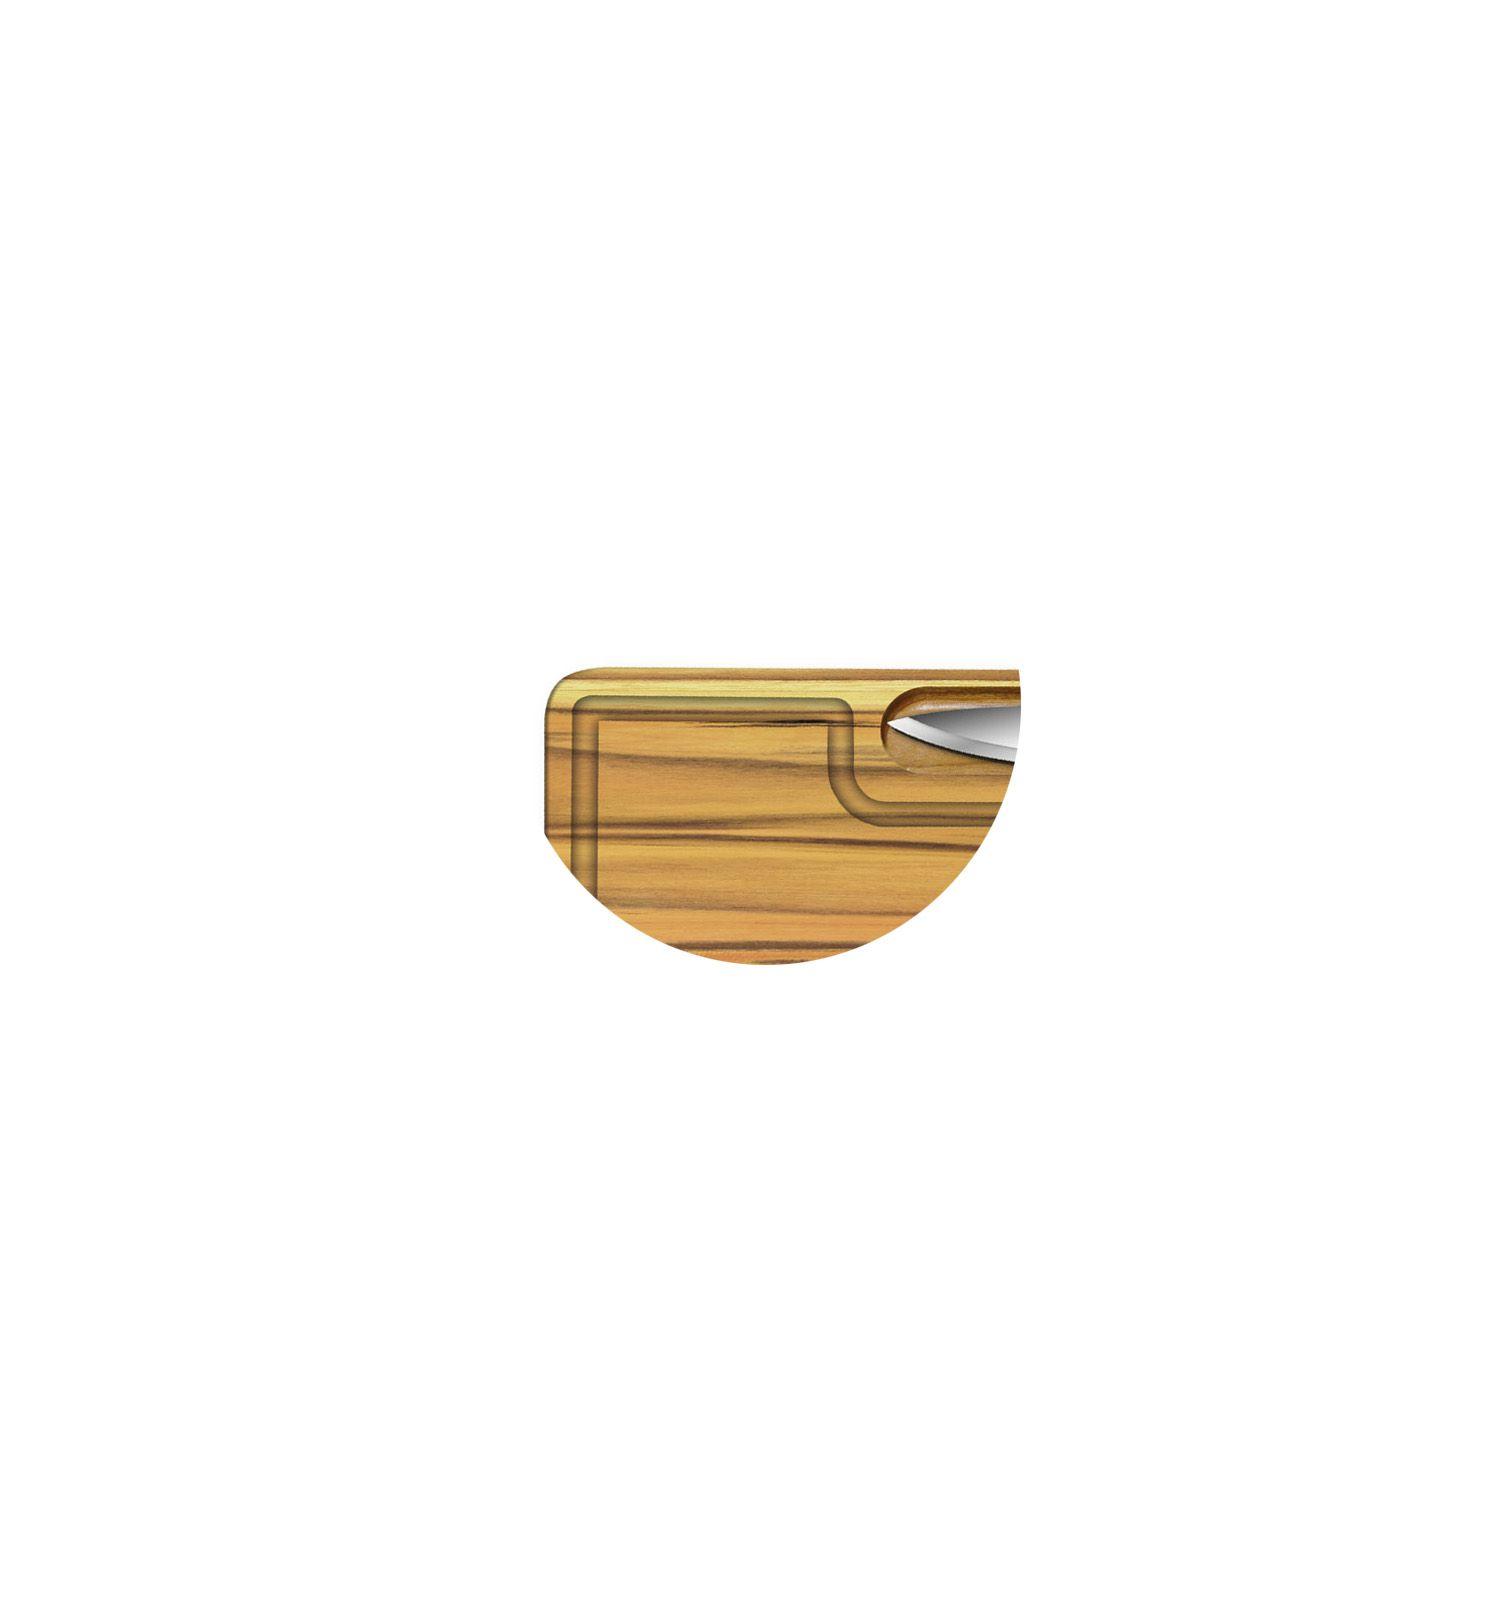 Tabua de Madeira com Faca Personalizado